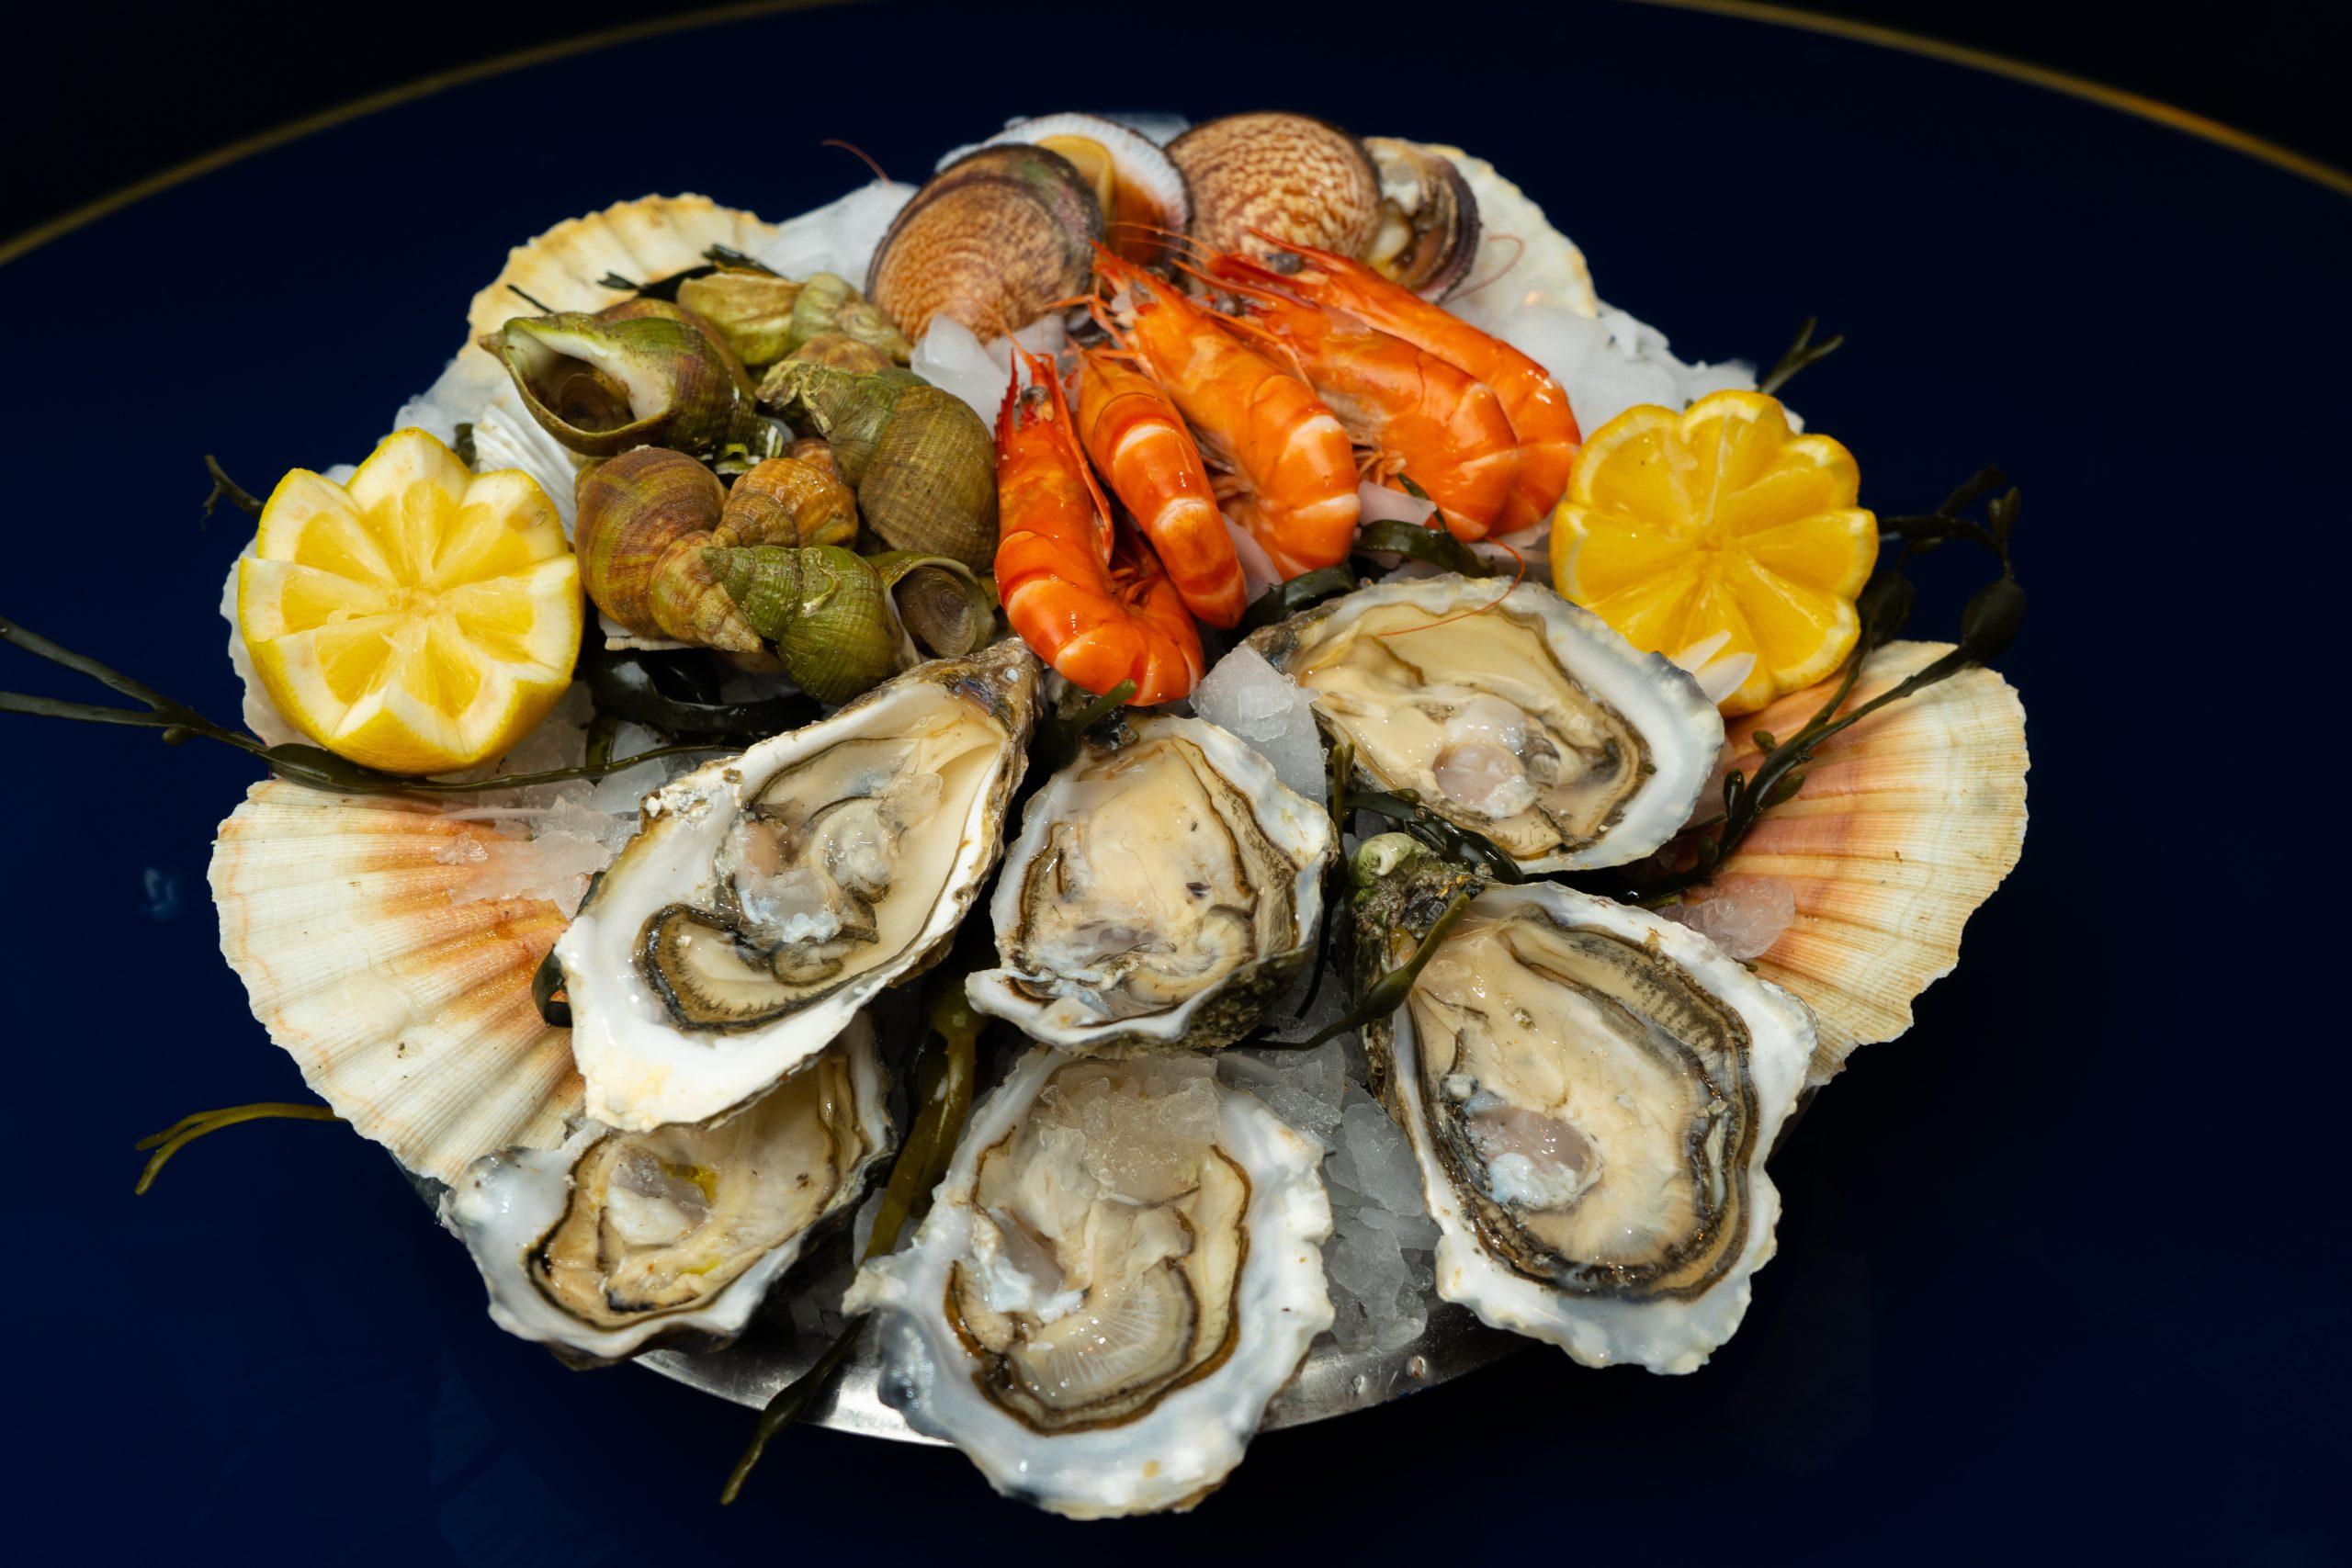 Livraison de Plateaux de Fruits de Mer à domicile sur Paris et Ile